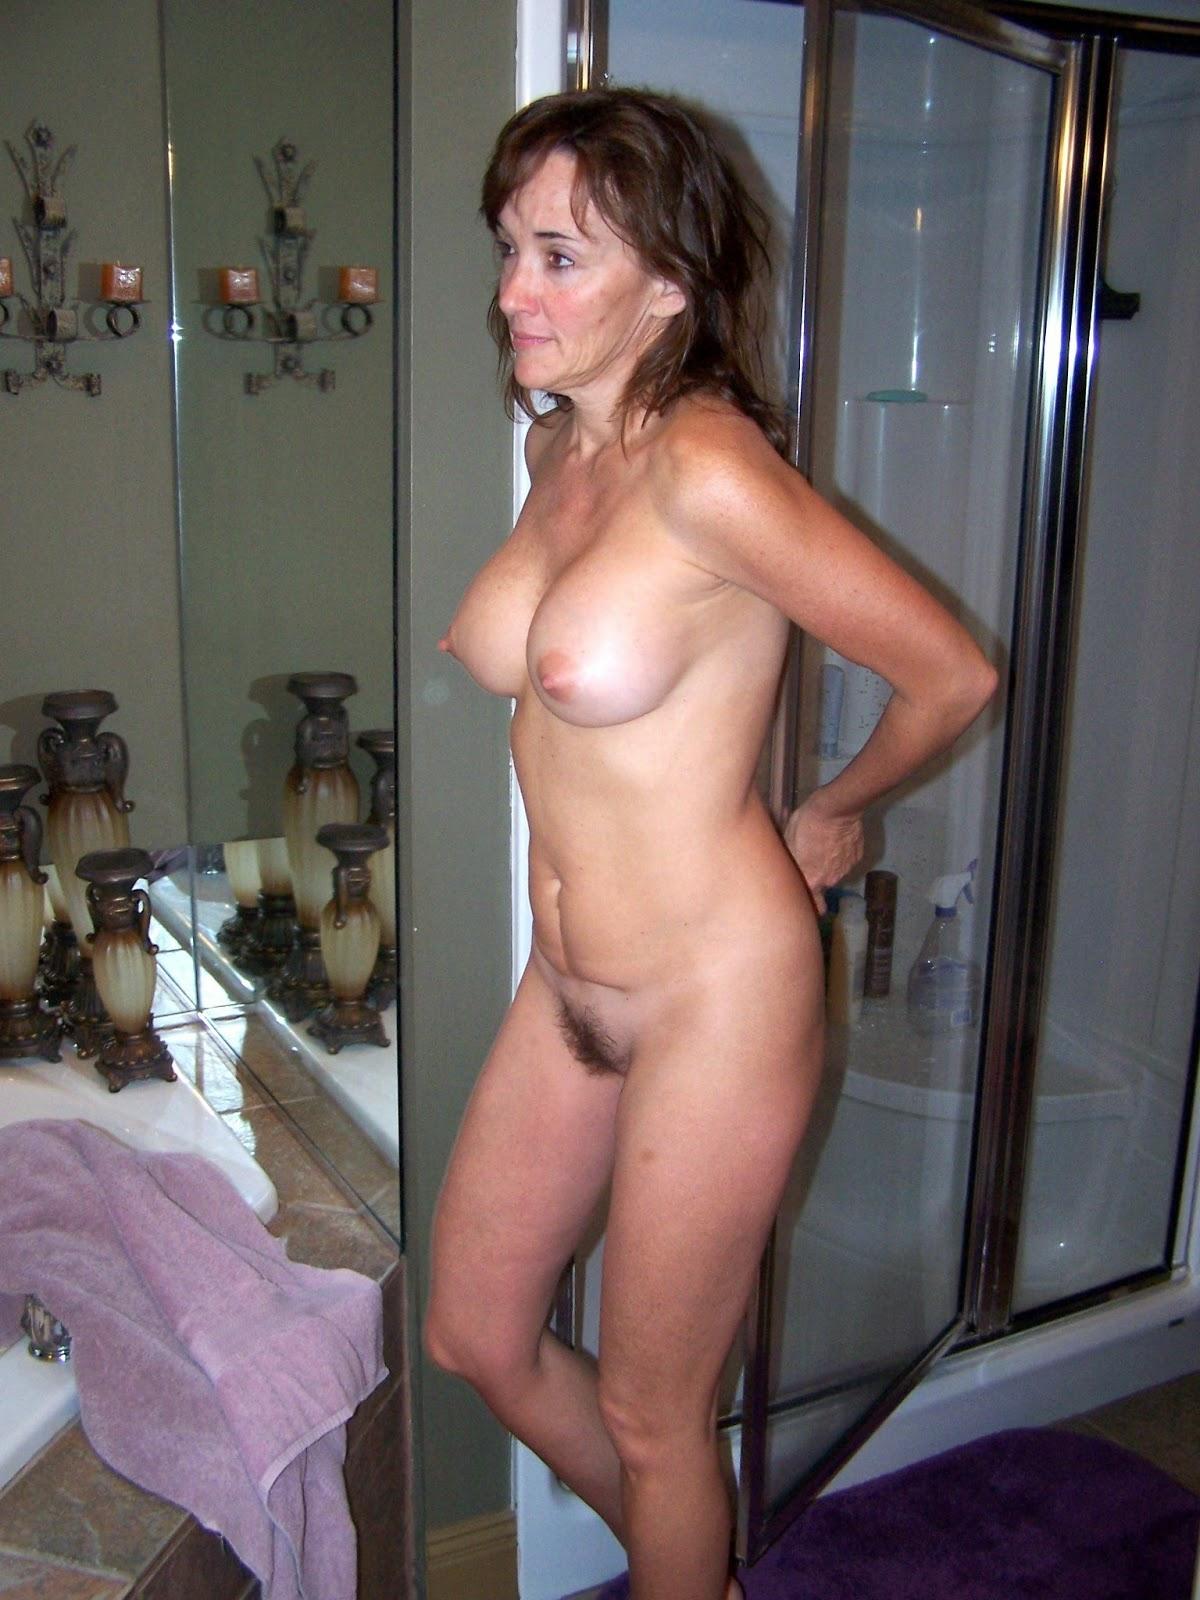 Webcamsex  Gratis Webcam Sex Chat! gtgt Dikke Ꙭ Kijken